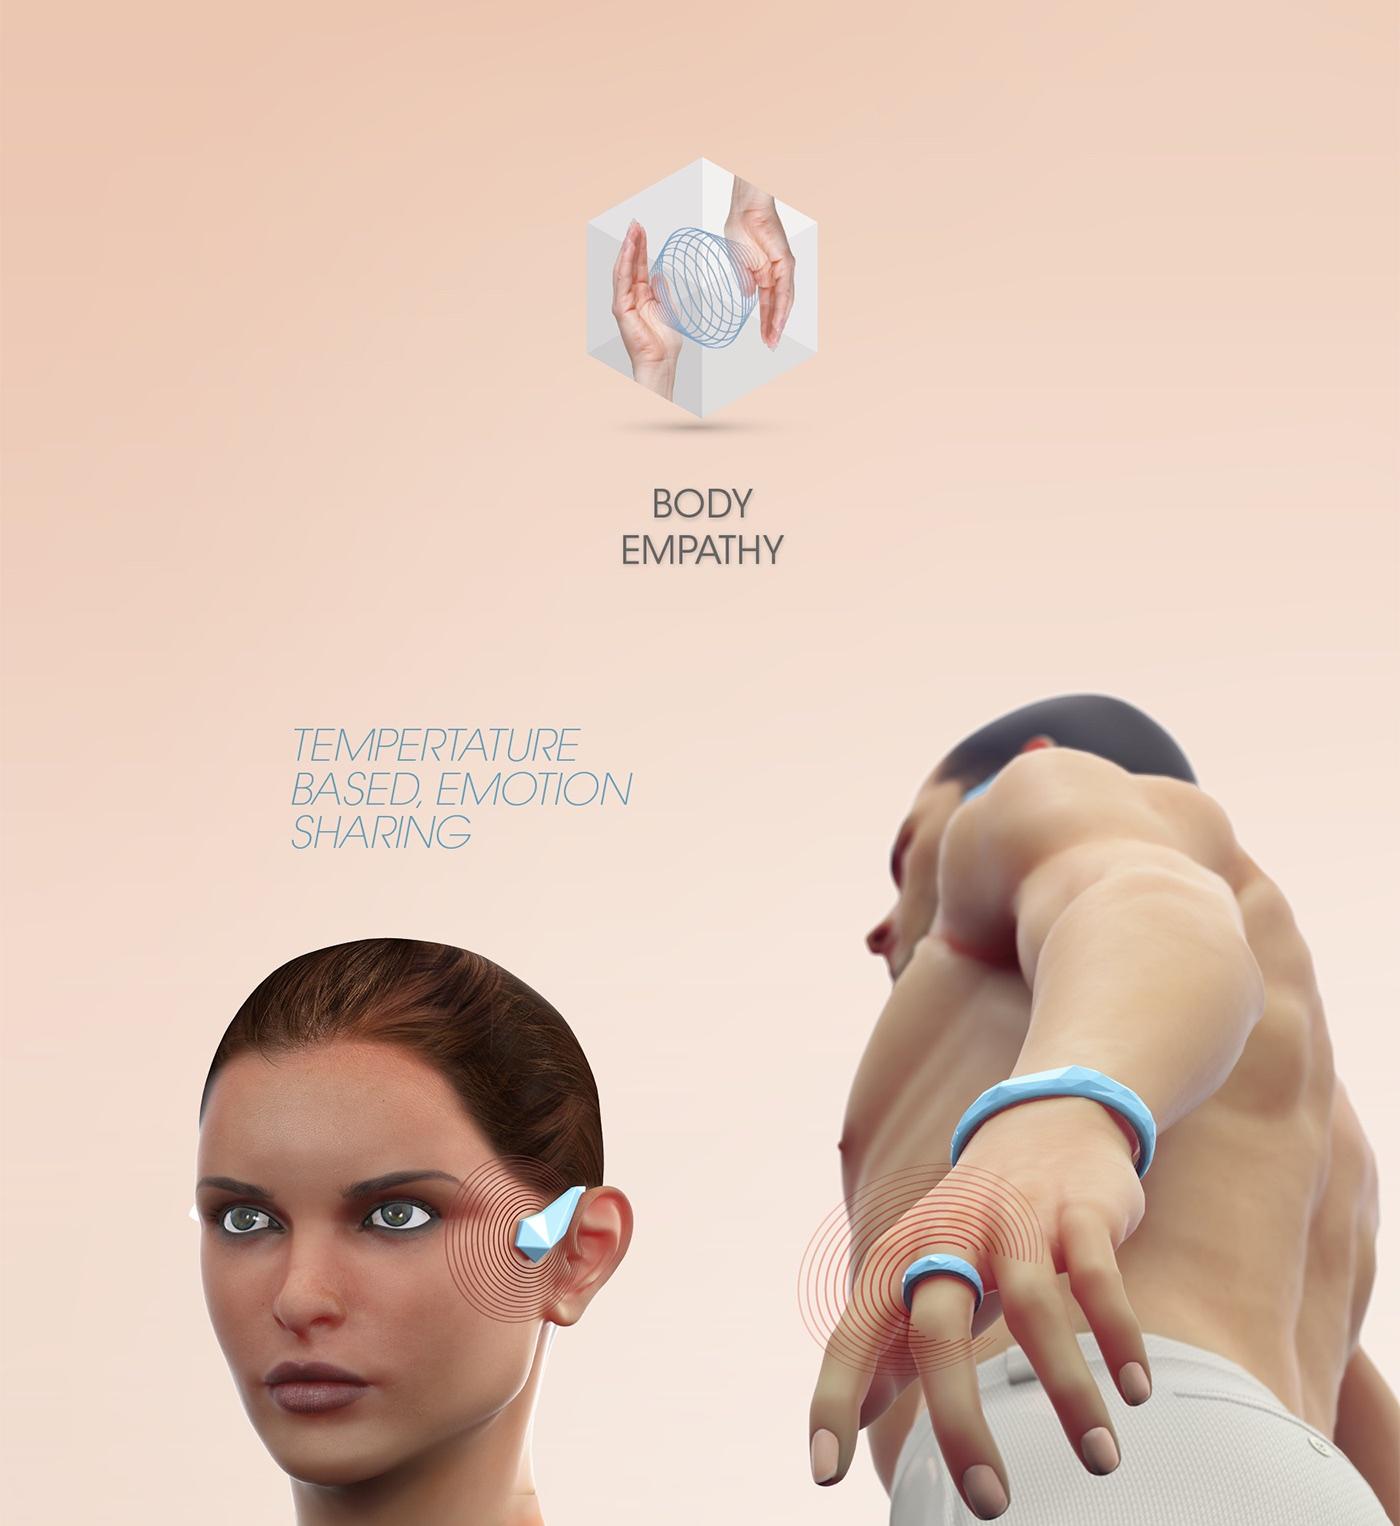 Jawbone EXO Ecosystem by Fabio Besti - Body Empathy